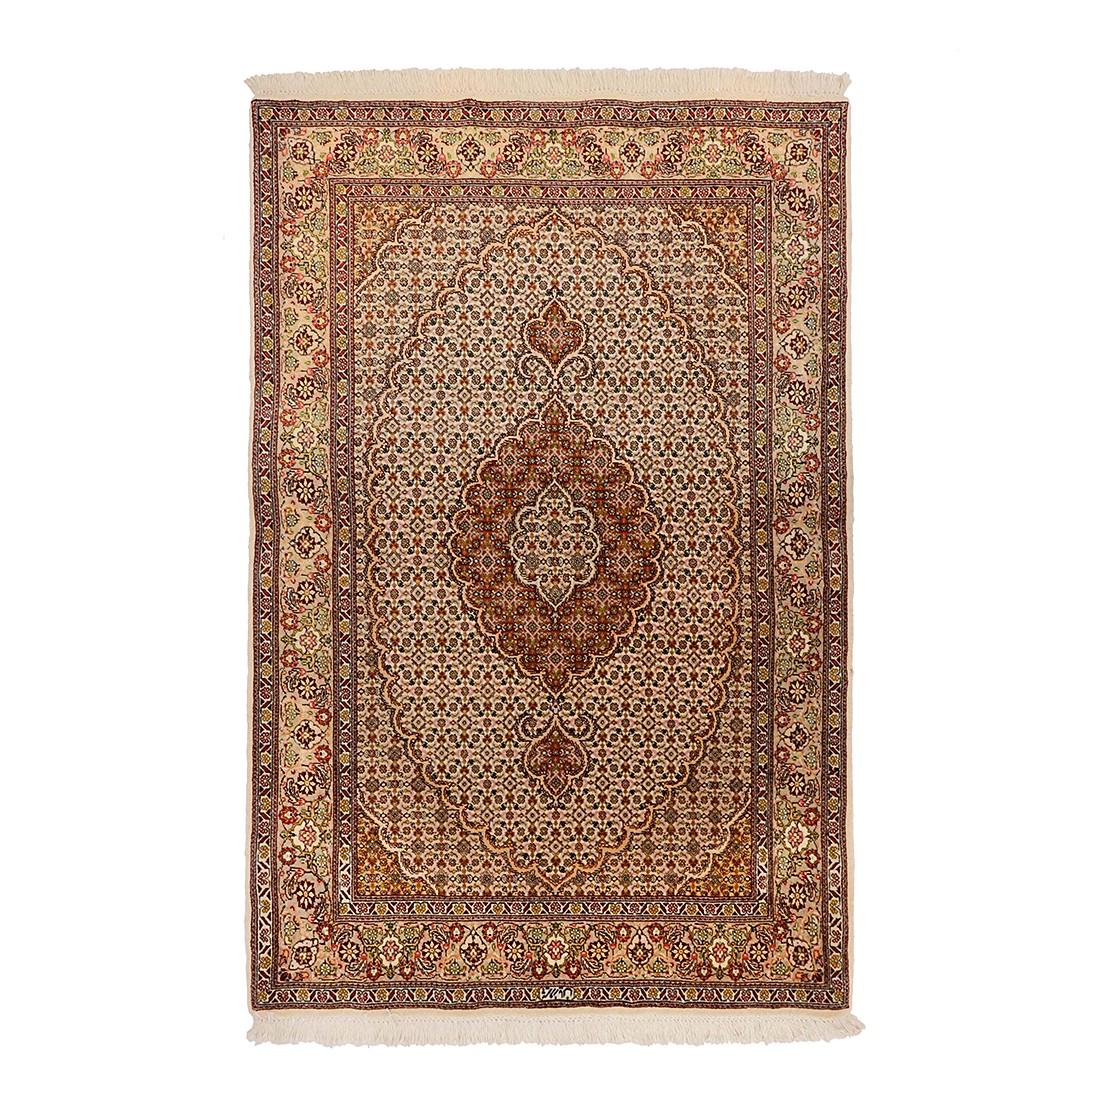 Teppich Persischer Täbriz Mahi – Beige – 170 x 240 cm, Parwis günstig kaufen